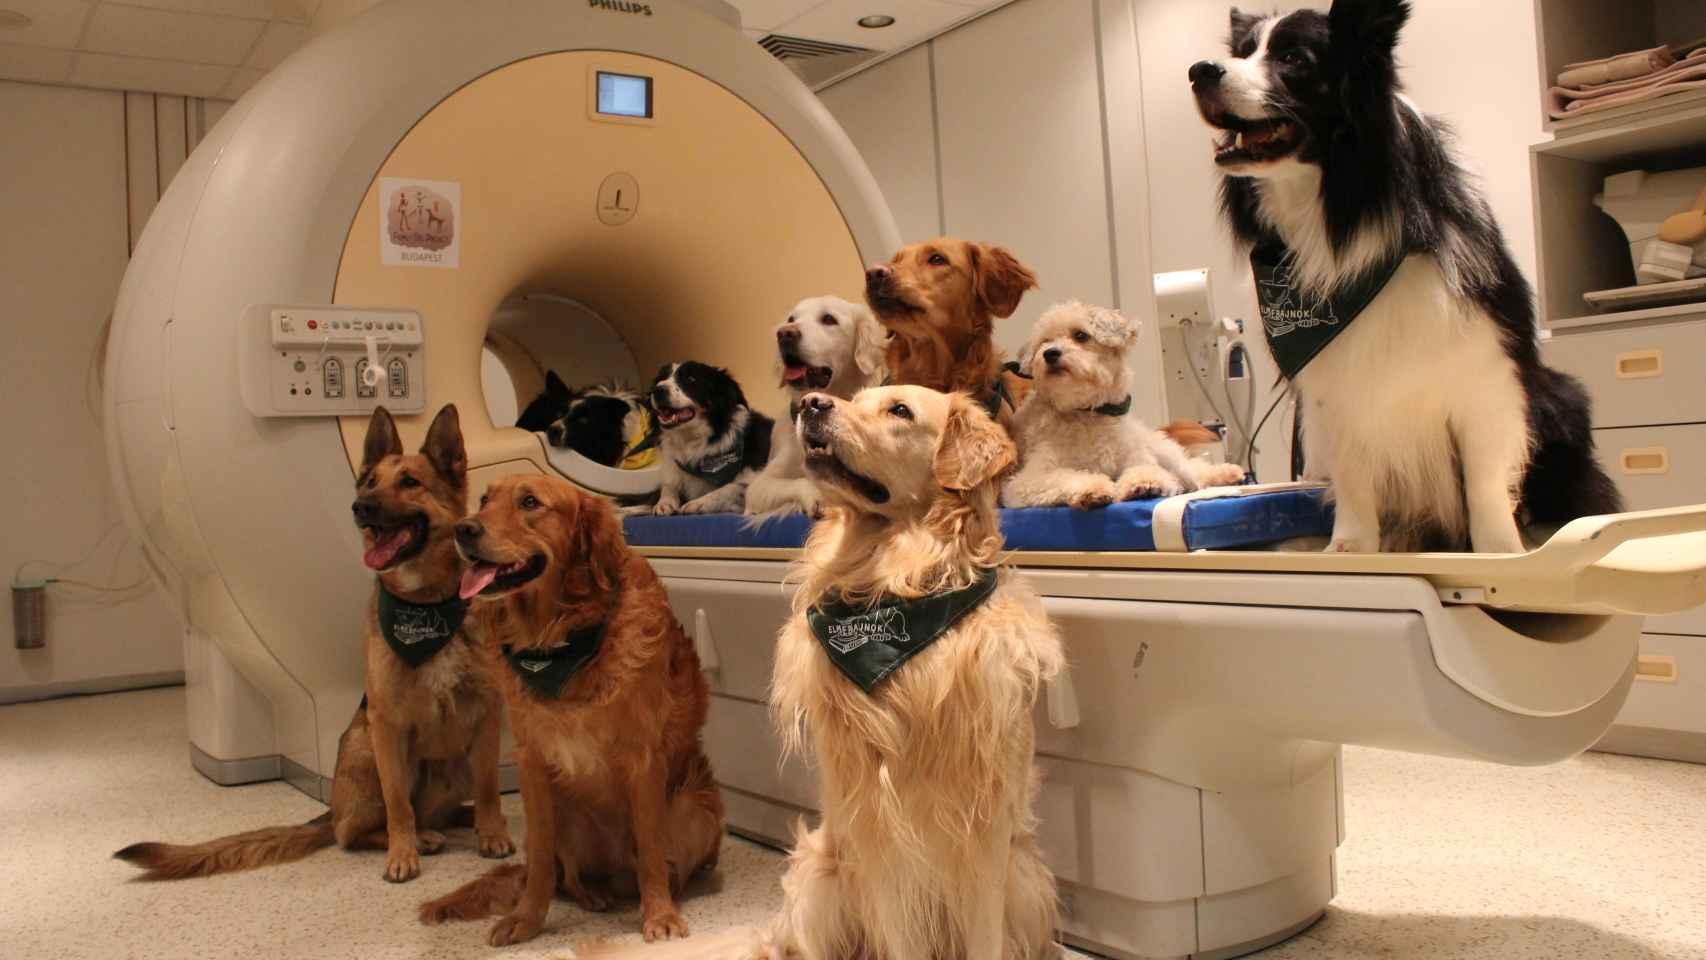 El negocio de las mascotas mueve 1.000 millones de euros al año en España.